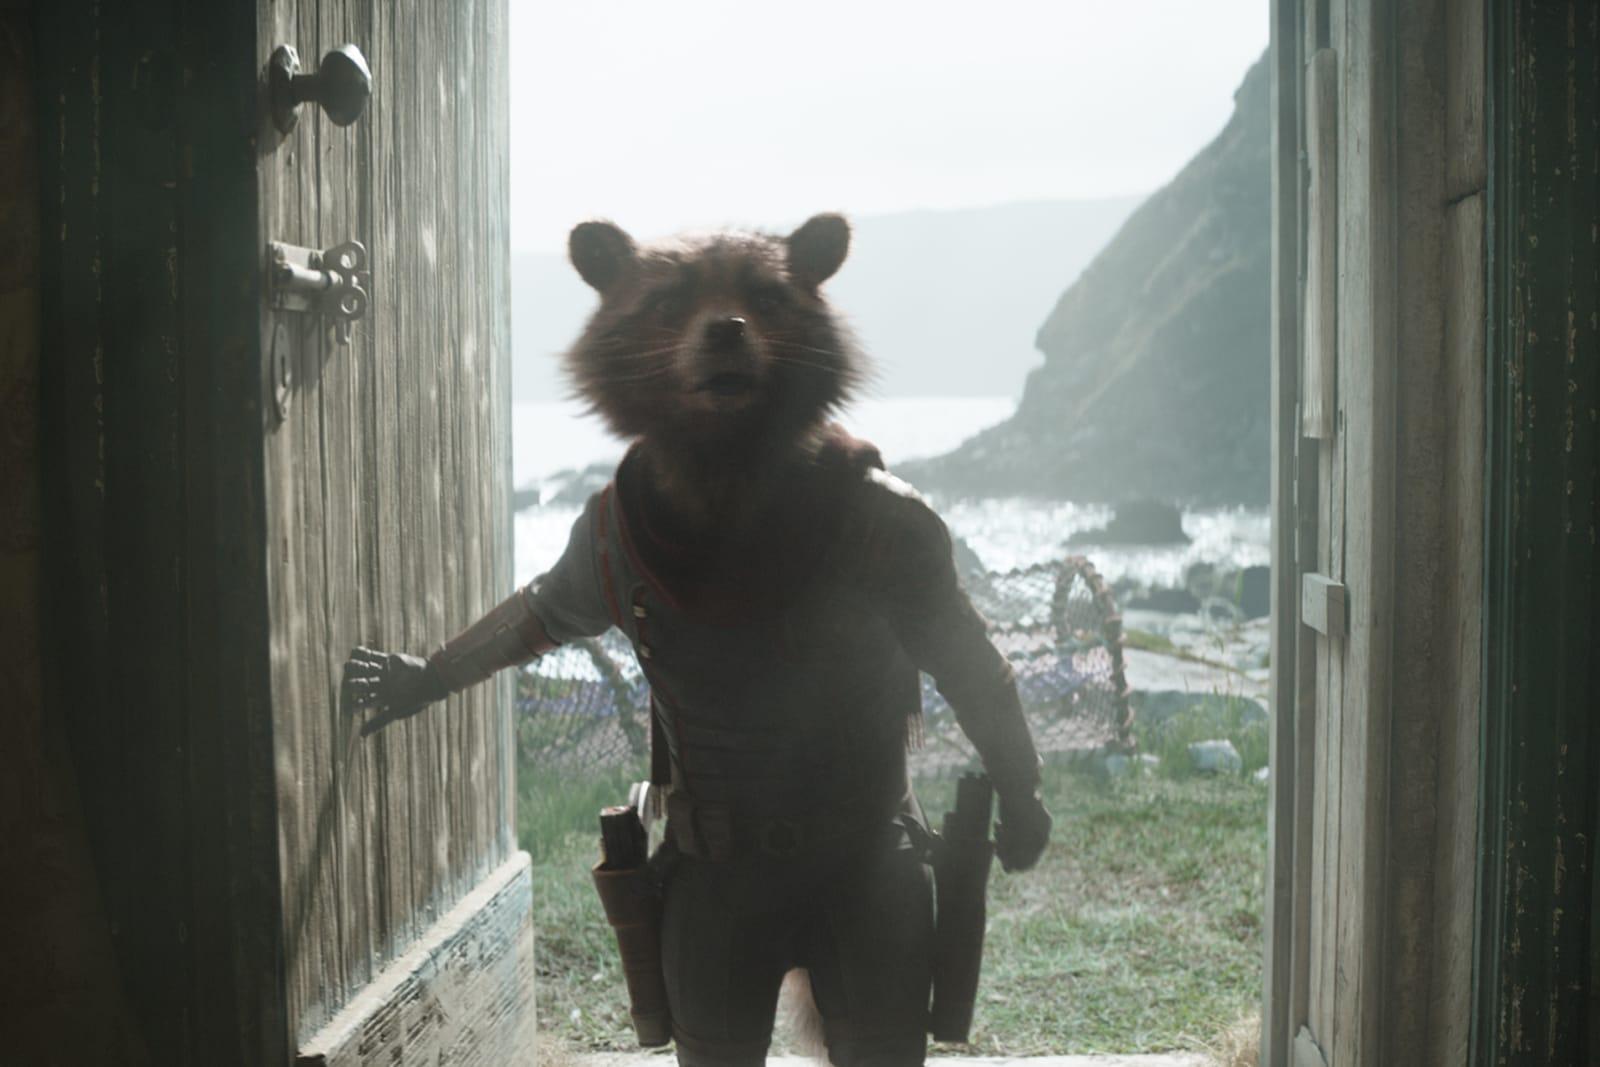 似是而非-集結《復仇者聯盟 Avengers: Endgame》預告及正片不同之處